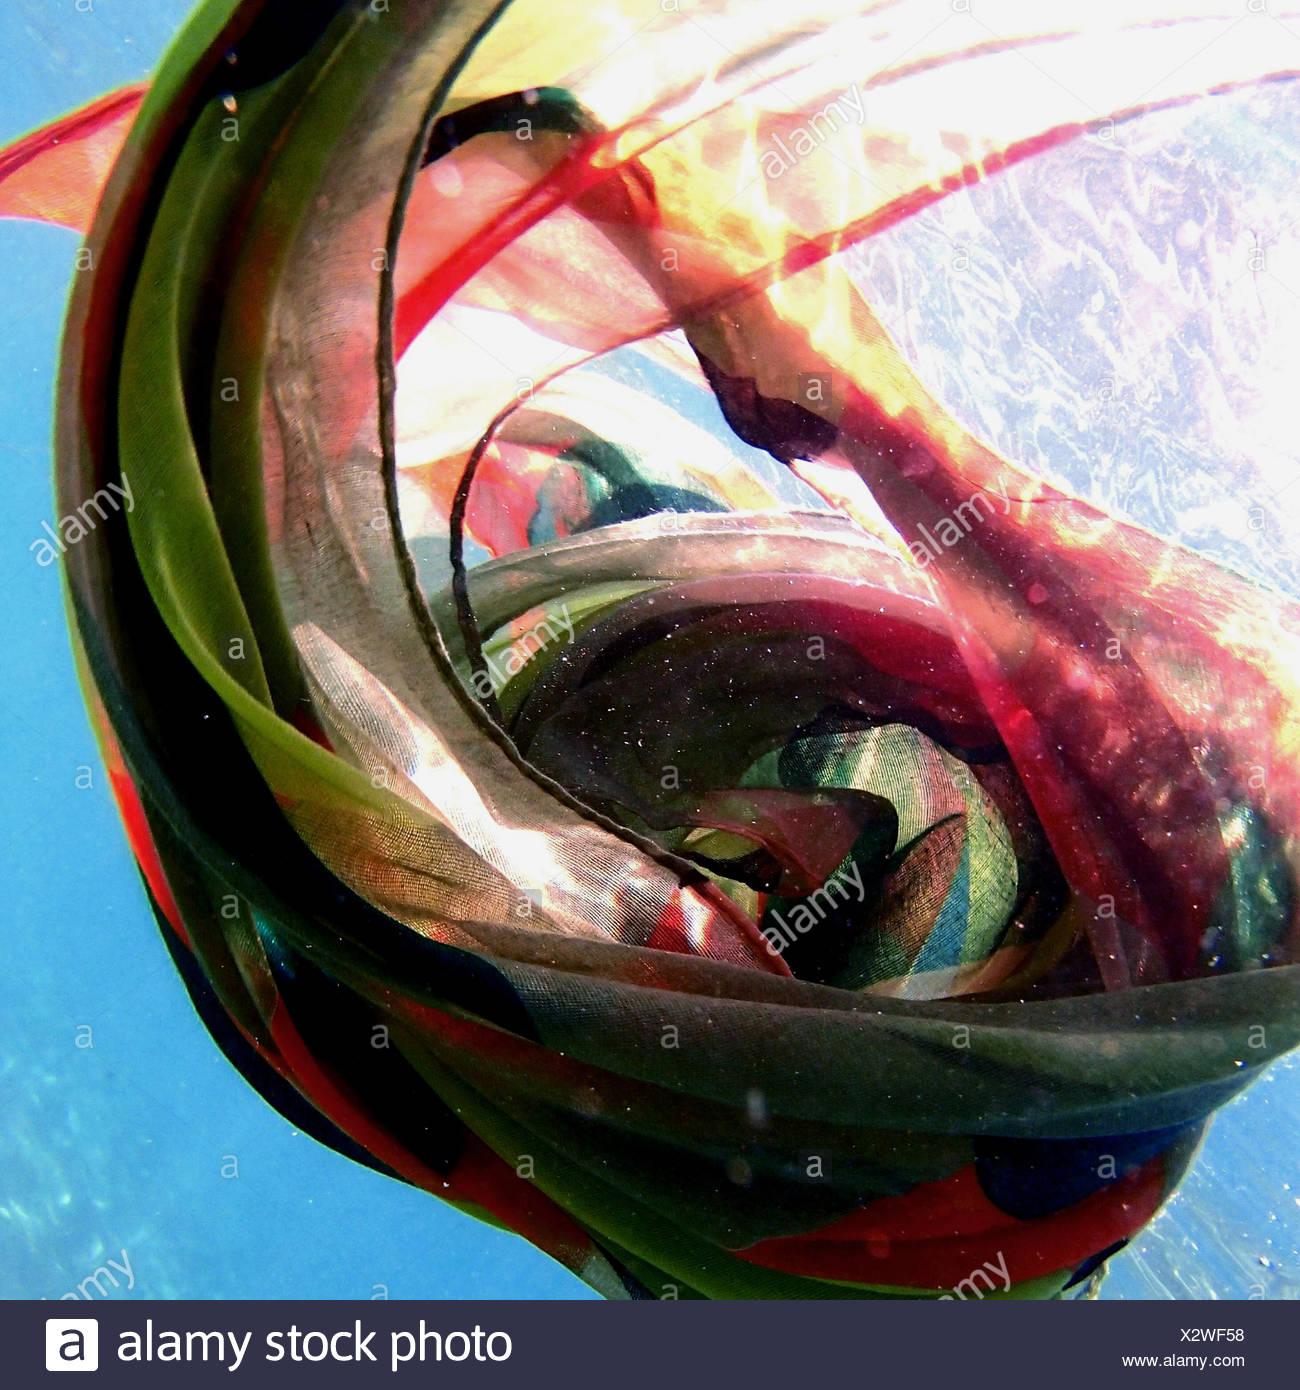 Multi-sciarpa colorata subacquea flottante Immagini Stock